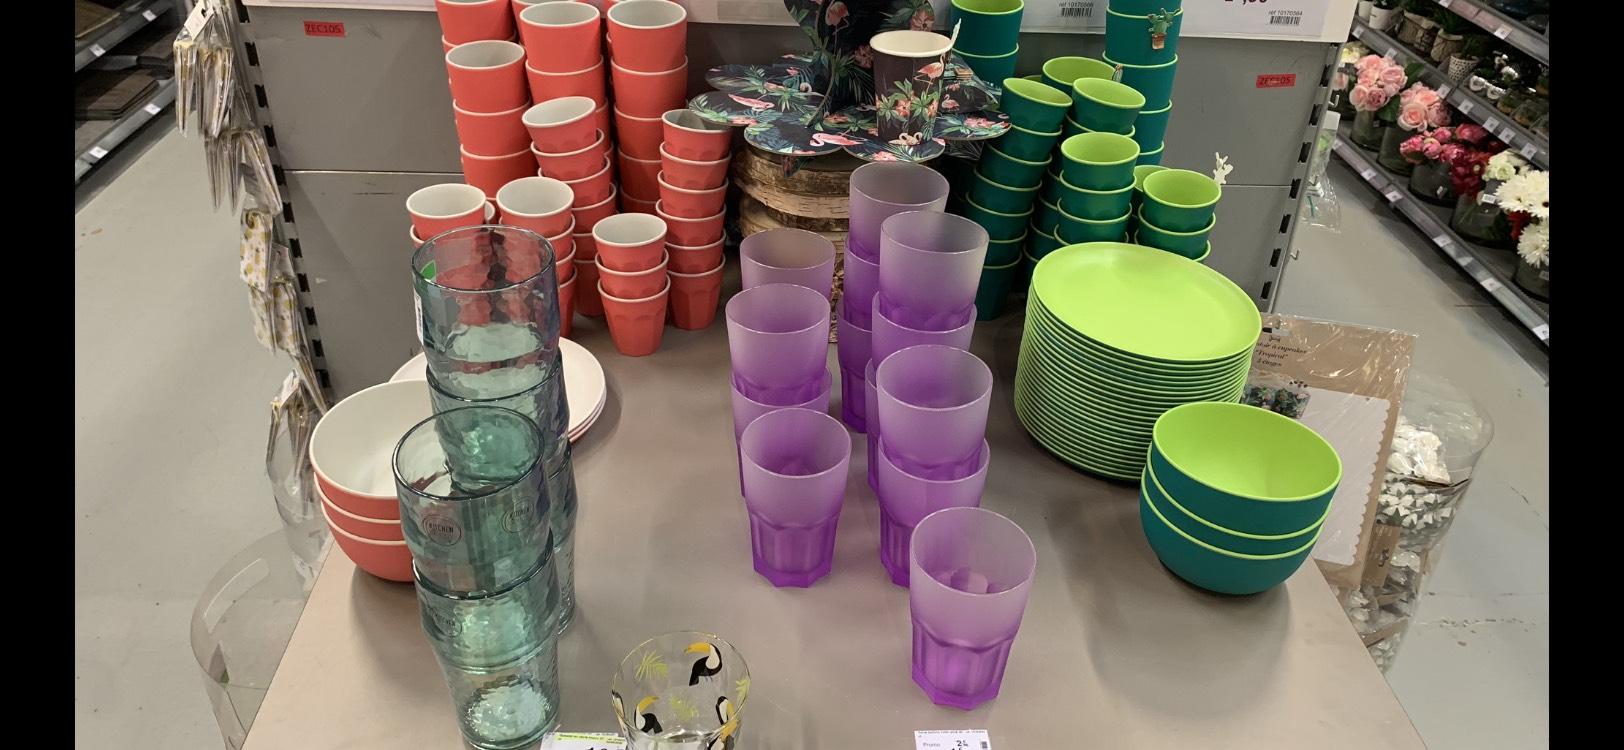 Sélection de vaisselle en bambou en promotion - Ex: Assiette à 1€ - Massy (91)